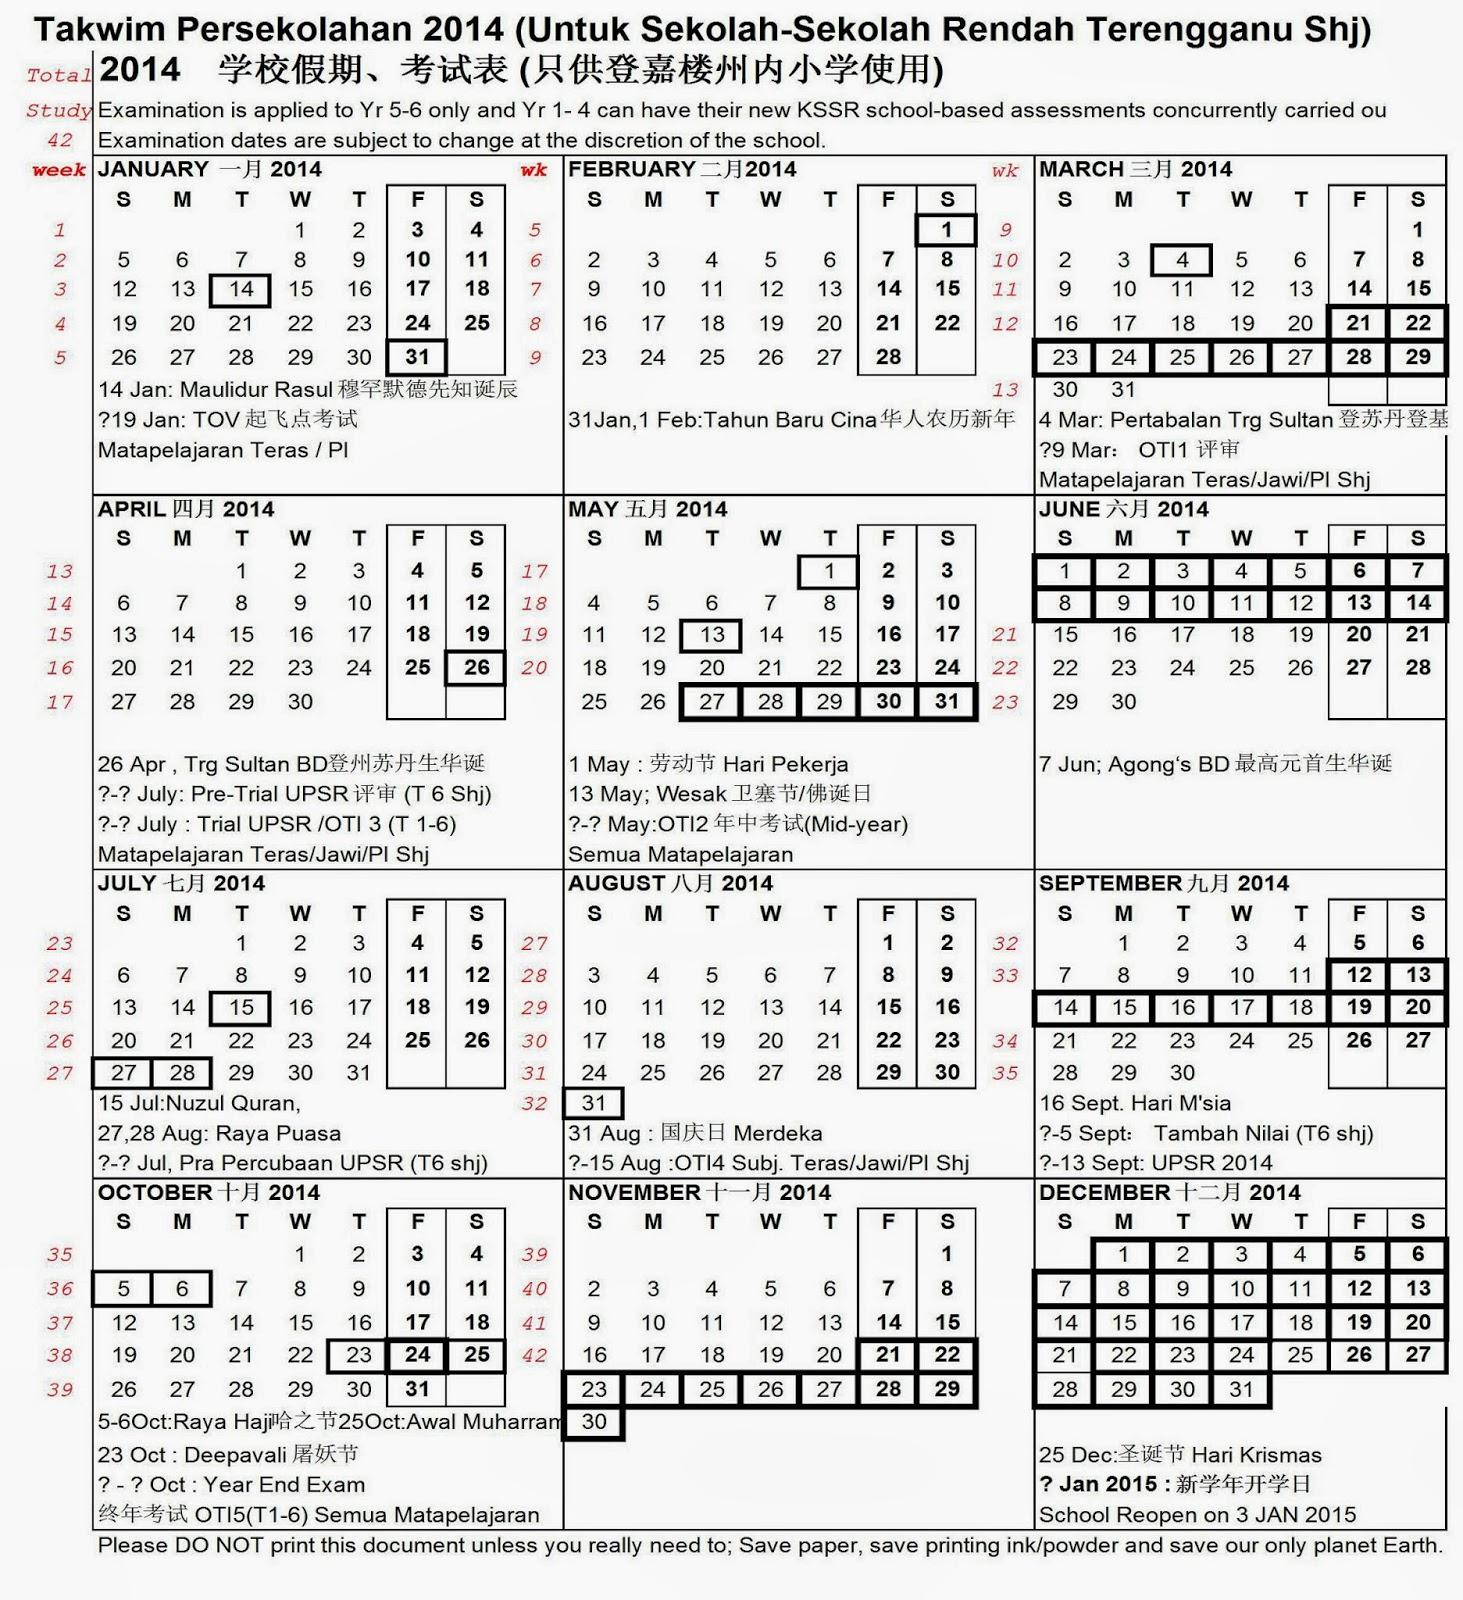 Takwim Sekolah Malaysia 2014 马来西亚学期年历